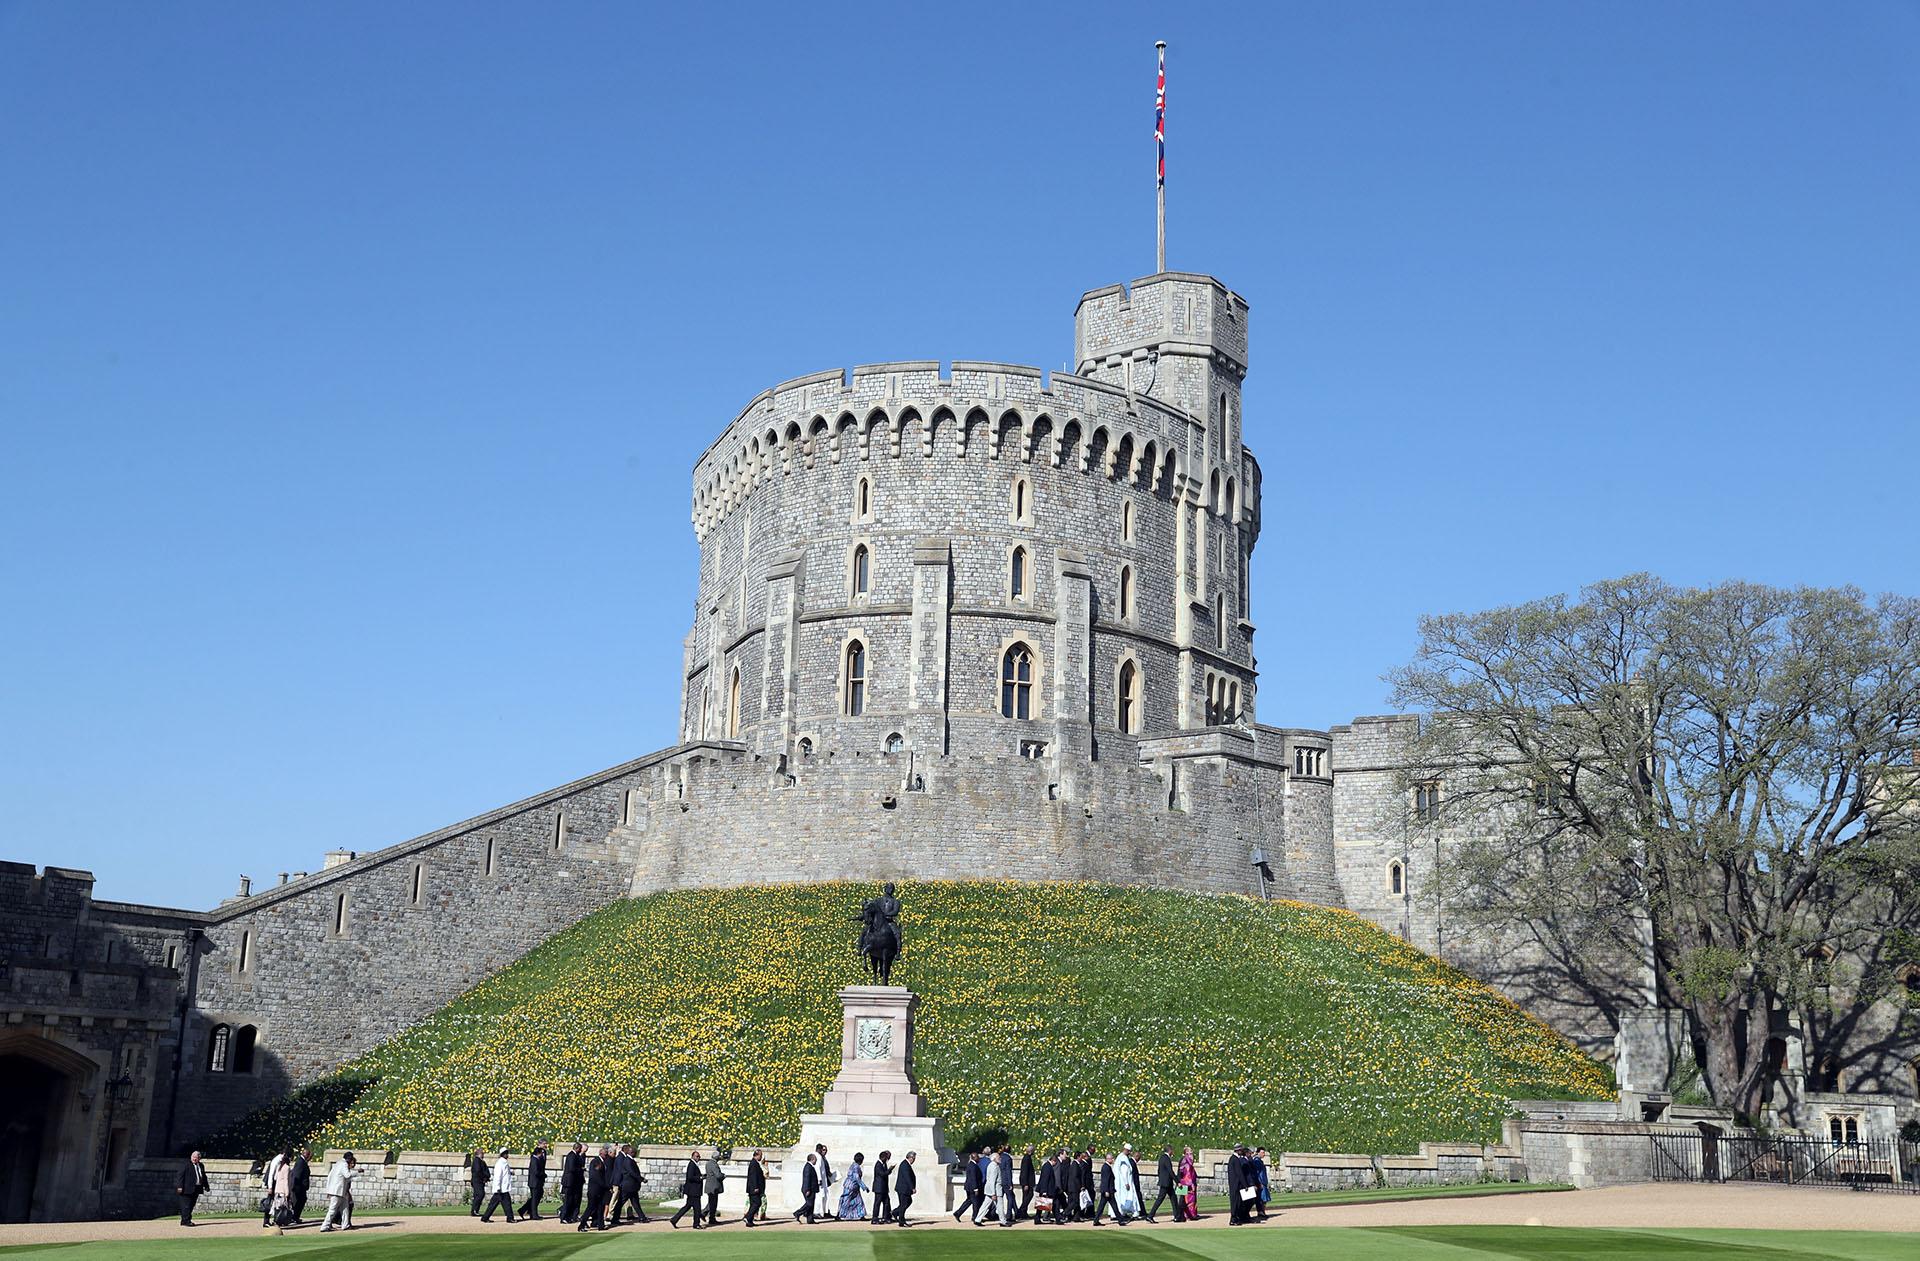 La vista exterior de la fortaleza